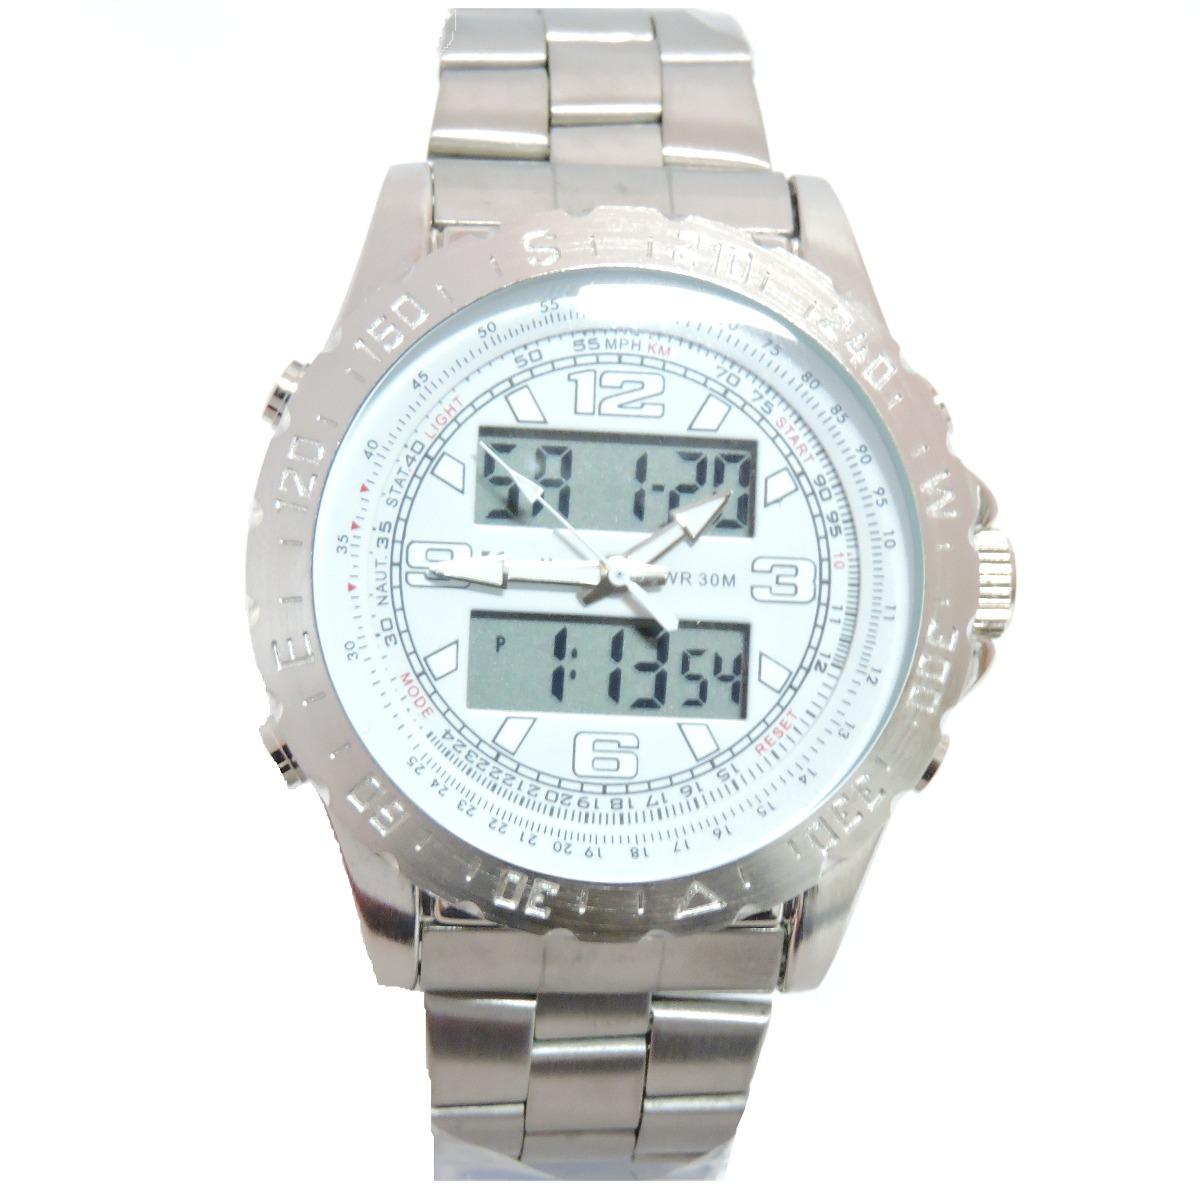 5a0cf544b93 relógio masculino de pulso original redley prata e branco. Carregando zoom.